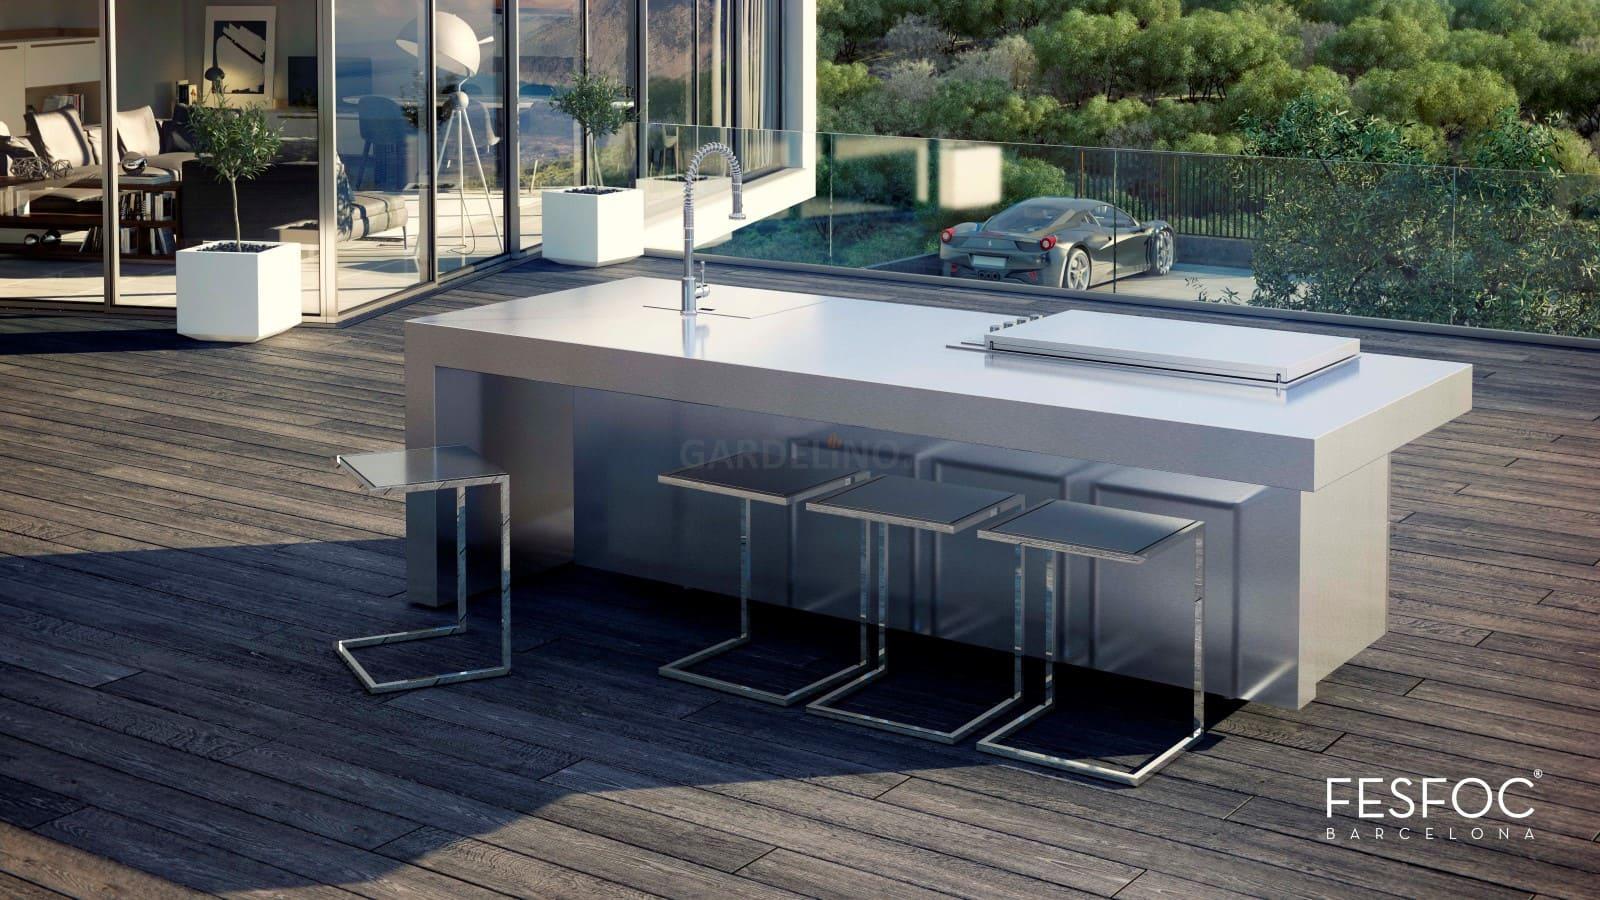 Outdoorküche Mit Spüle Zubehör : Fesfoc outdoor küche aus edelstahl nach ihrem design